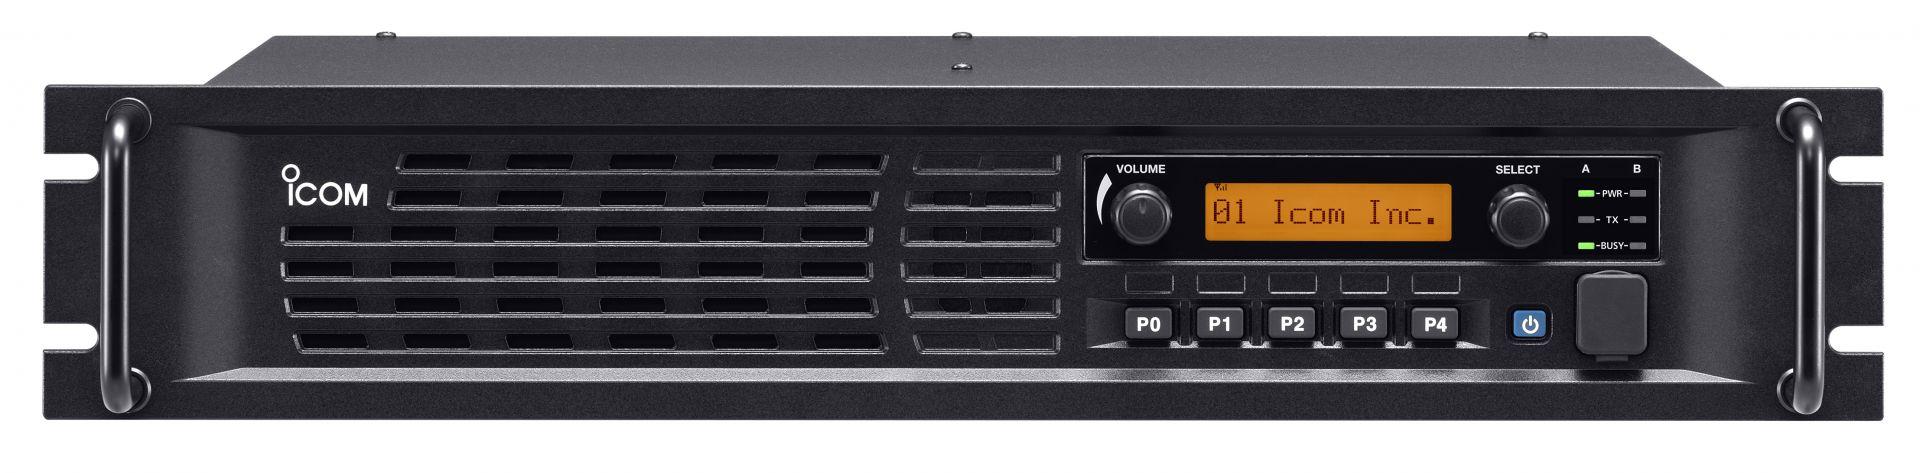 Nouveaux relais numériques - analogiques vhf / uhf ic-fr5300